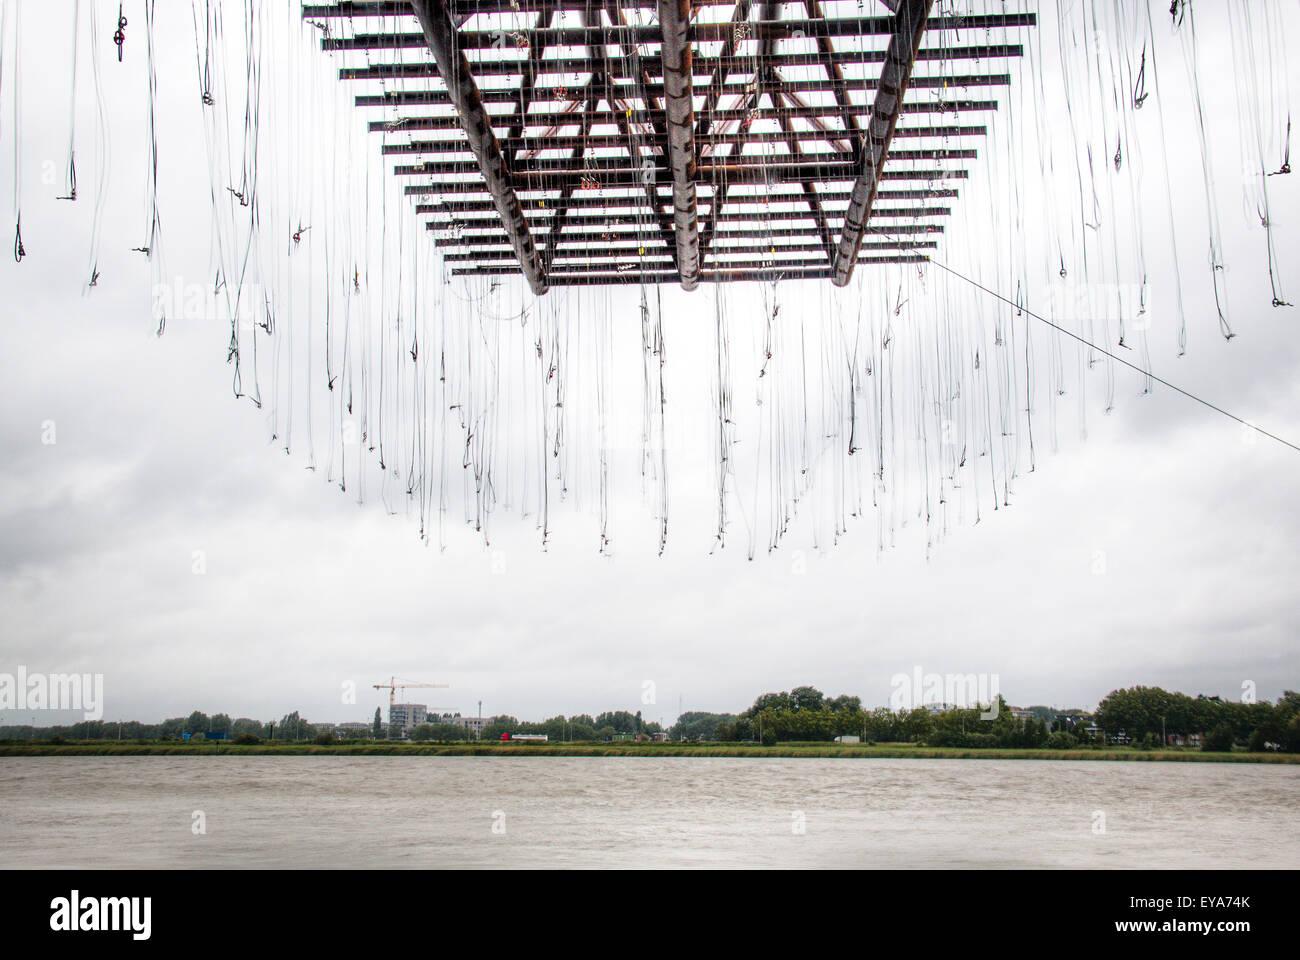 Crane at the Schelde river in Antwerp, Belgium - Stock Image